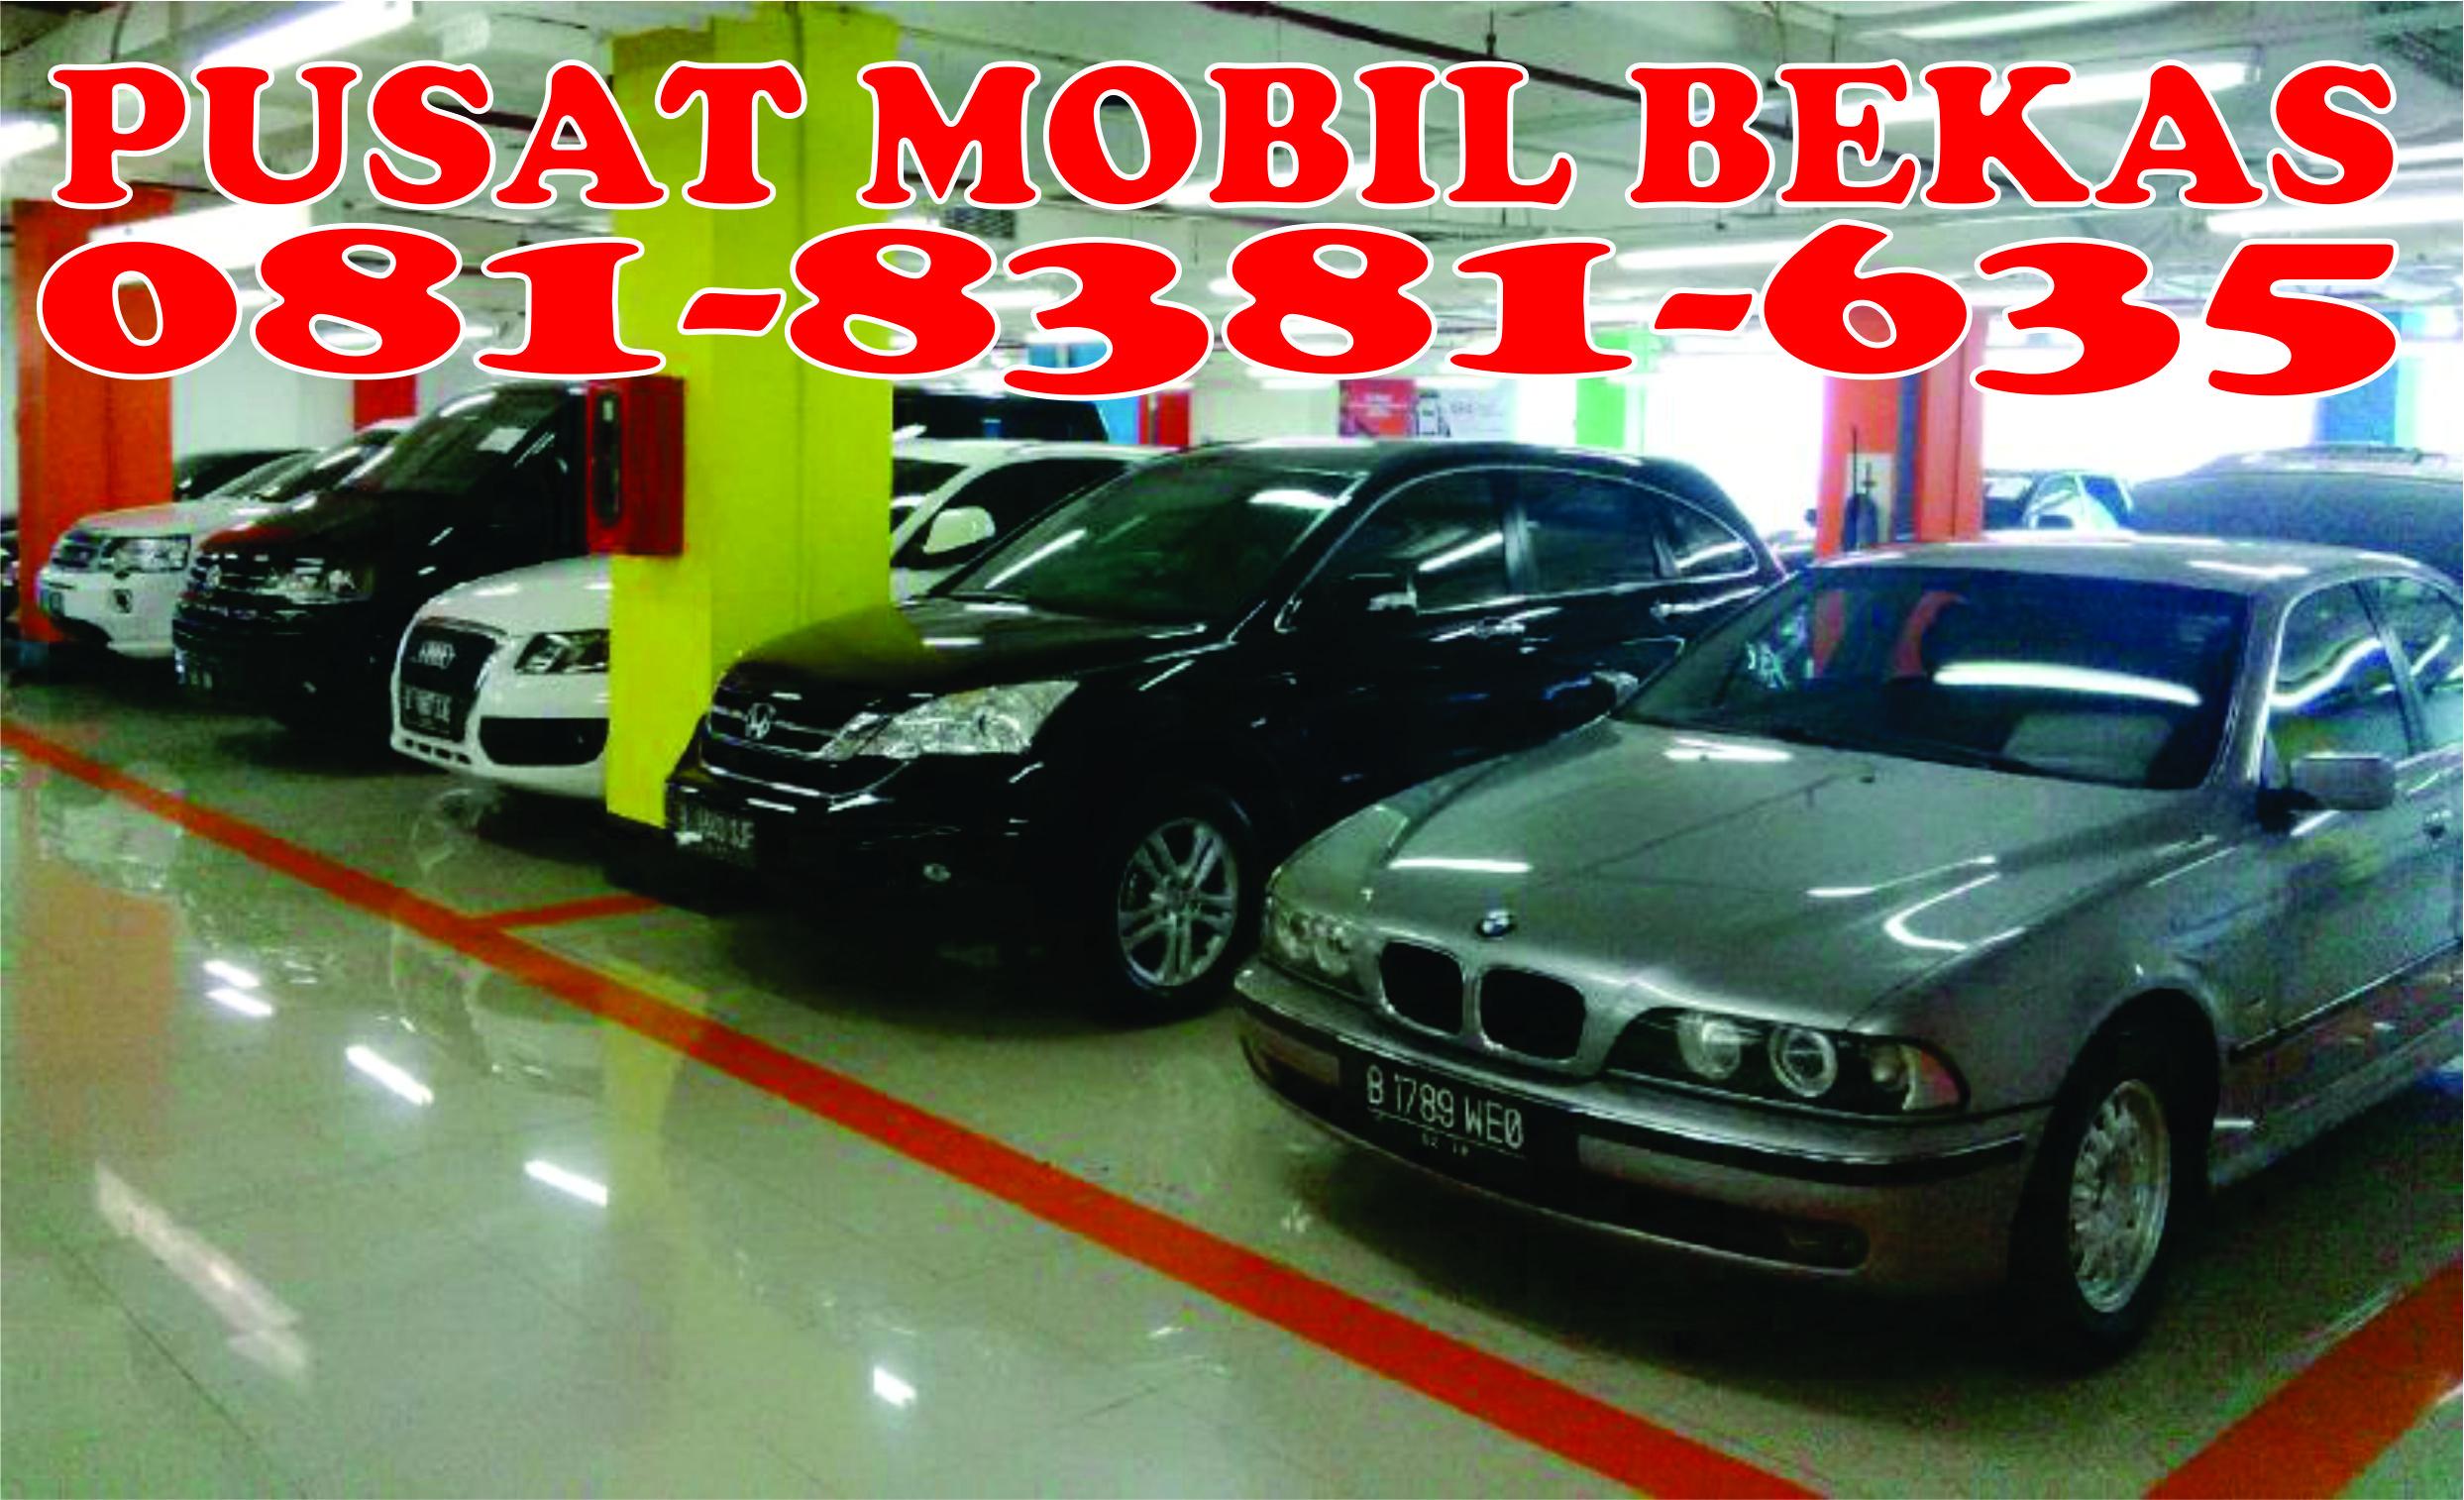 081 8381 635 Xl Harga Mobil Bekas Malang Harga Mbl Malang Harga